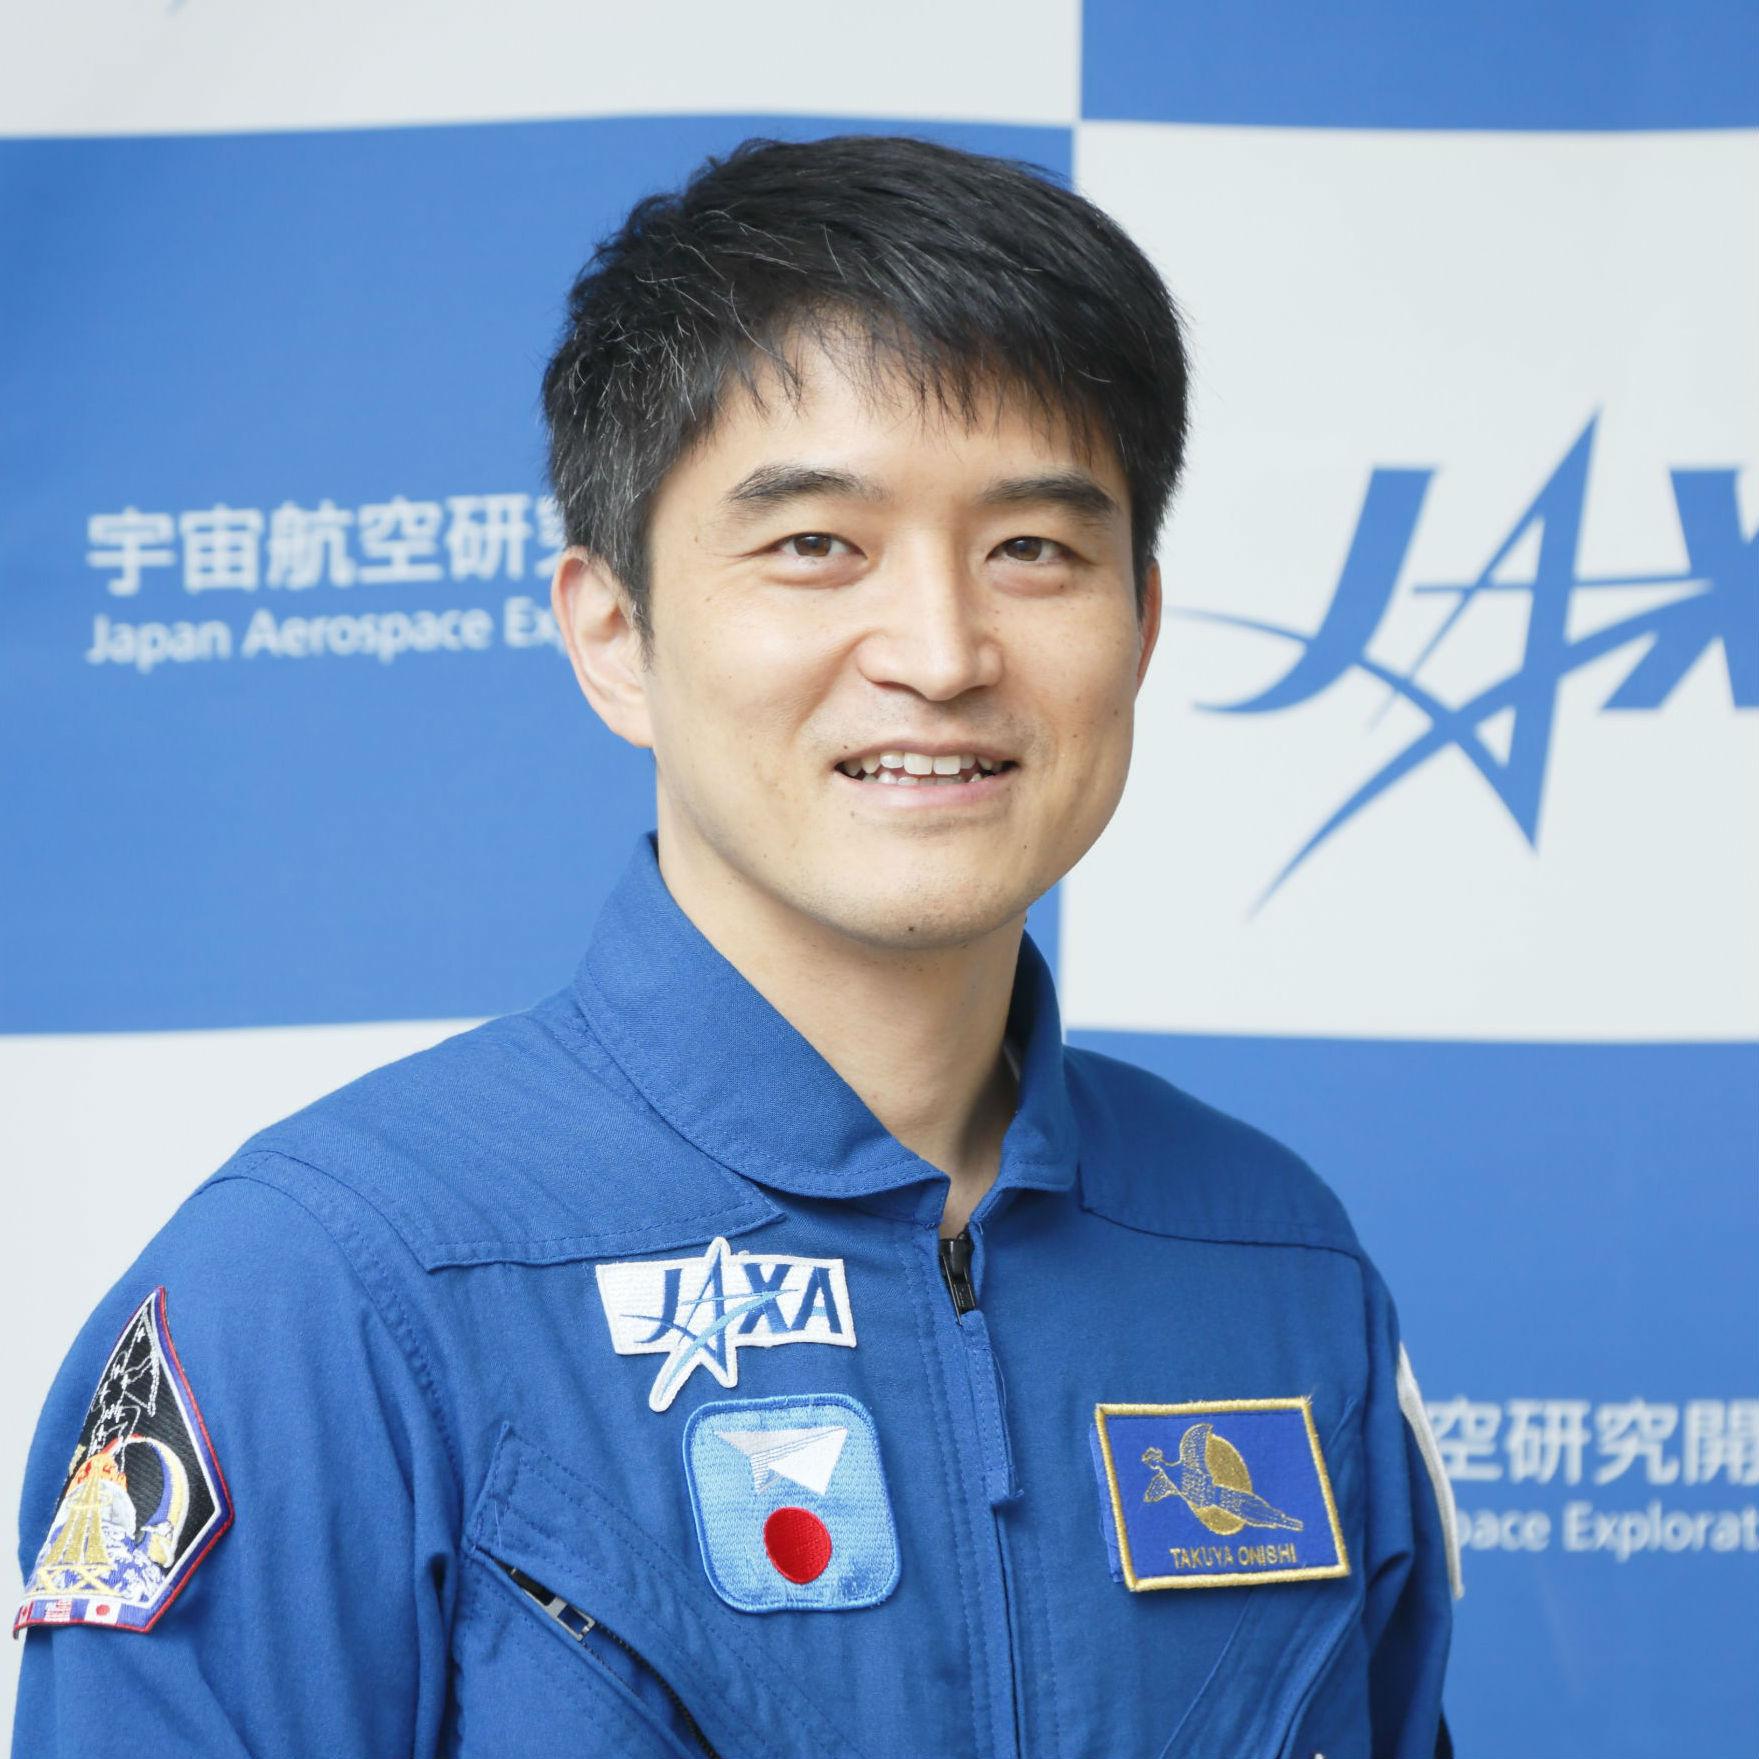 """「宇宙の仕事で生きるものはビジネスの世界でも生きる」宇宙飛行士・大西卓哉さんの""""準備力""""とは?"""